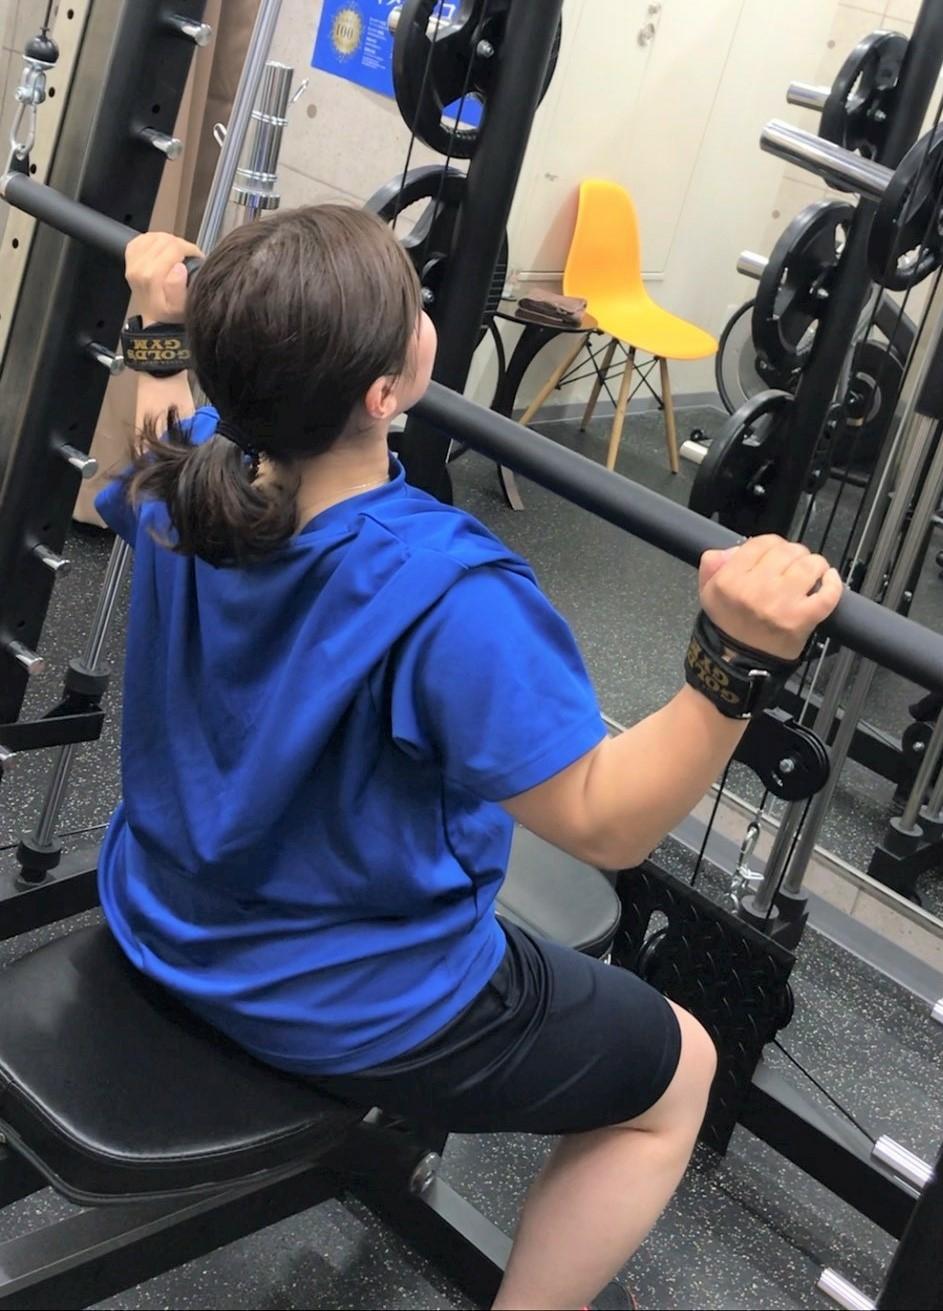 Q:運動面ではパーソナルトレーニングを受けていたとのことですが、 具体的にはどのようなことを?